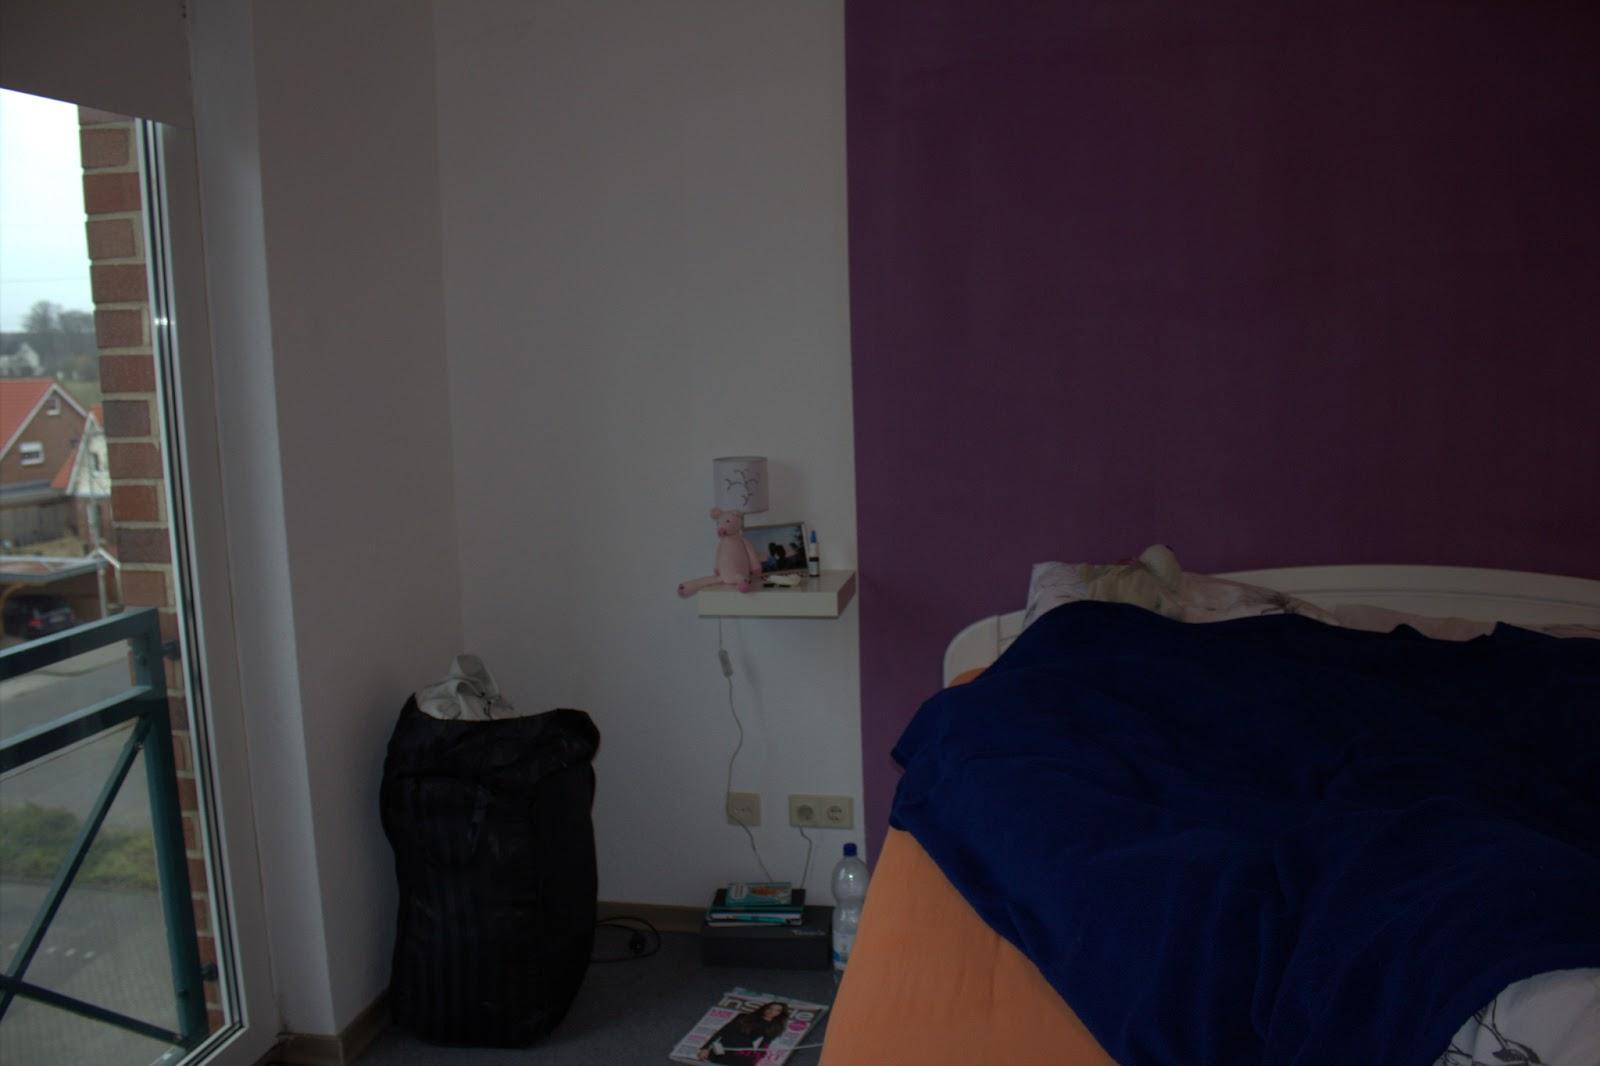 donnerstag ordnungstag fr ulein ordnung. Black Bedroom Furniture Sets. Home Design Ideas